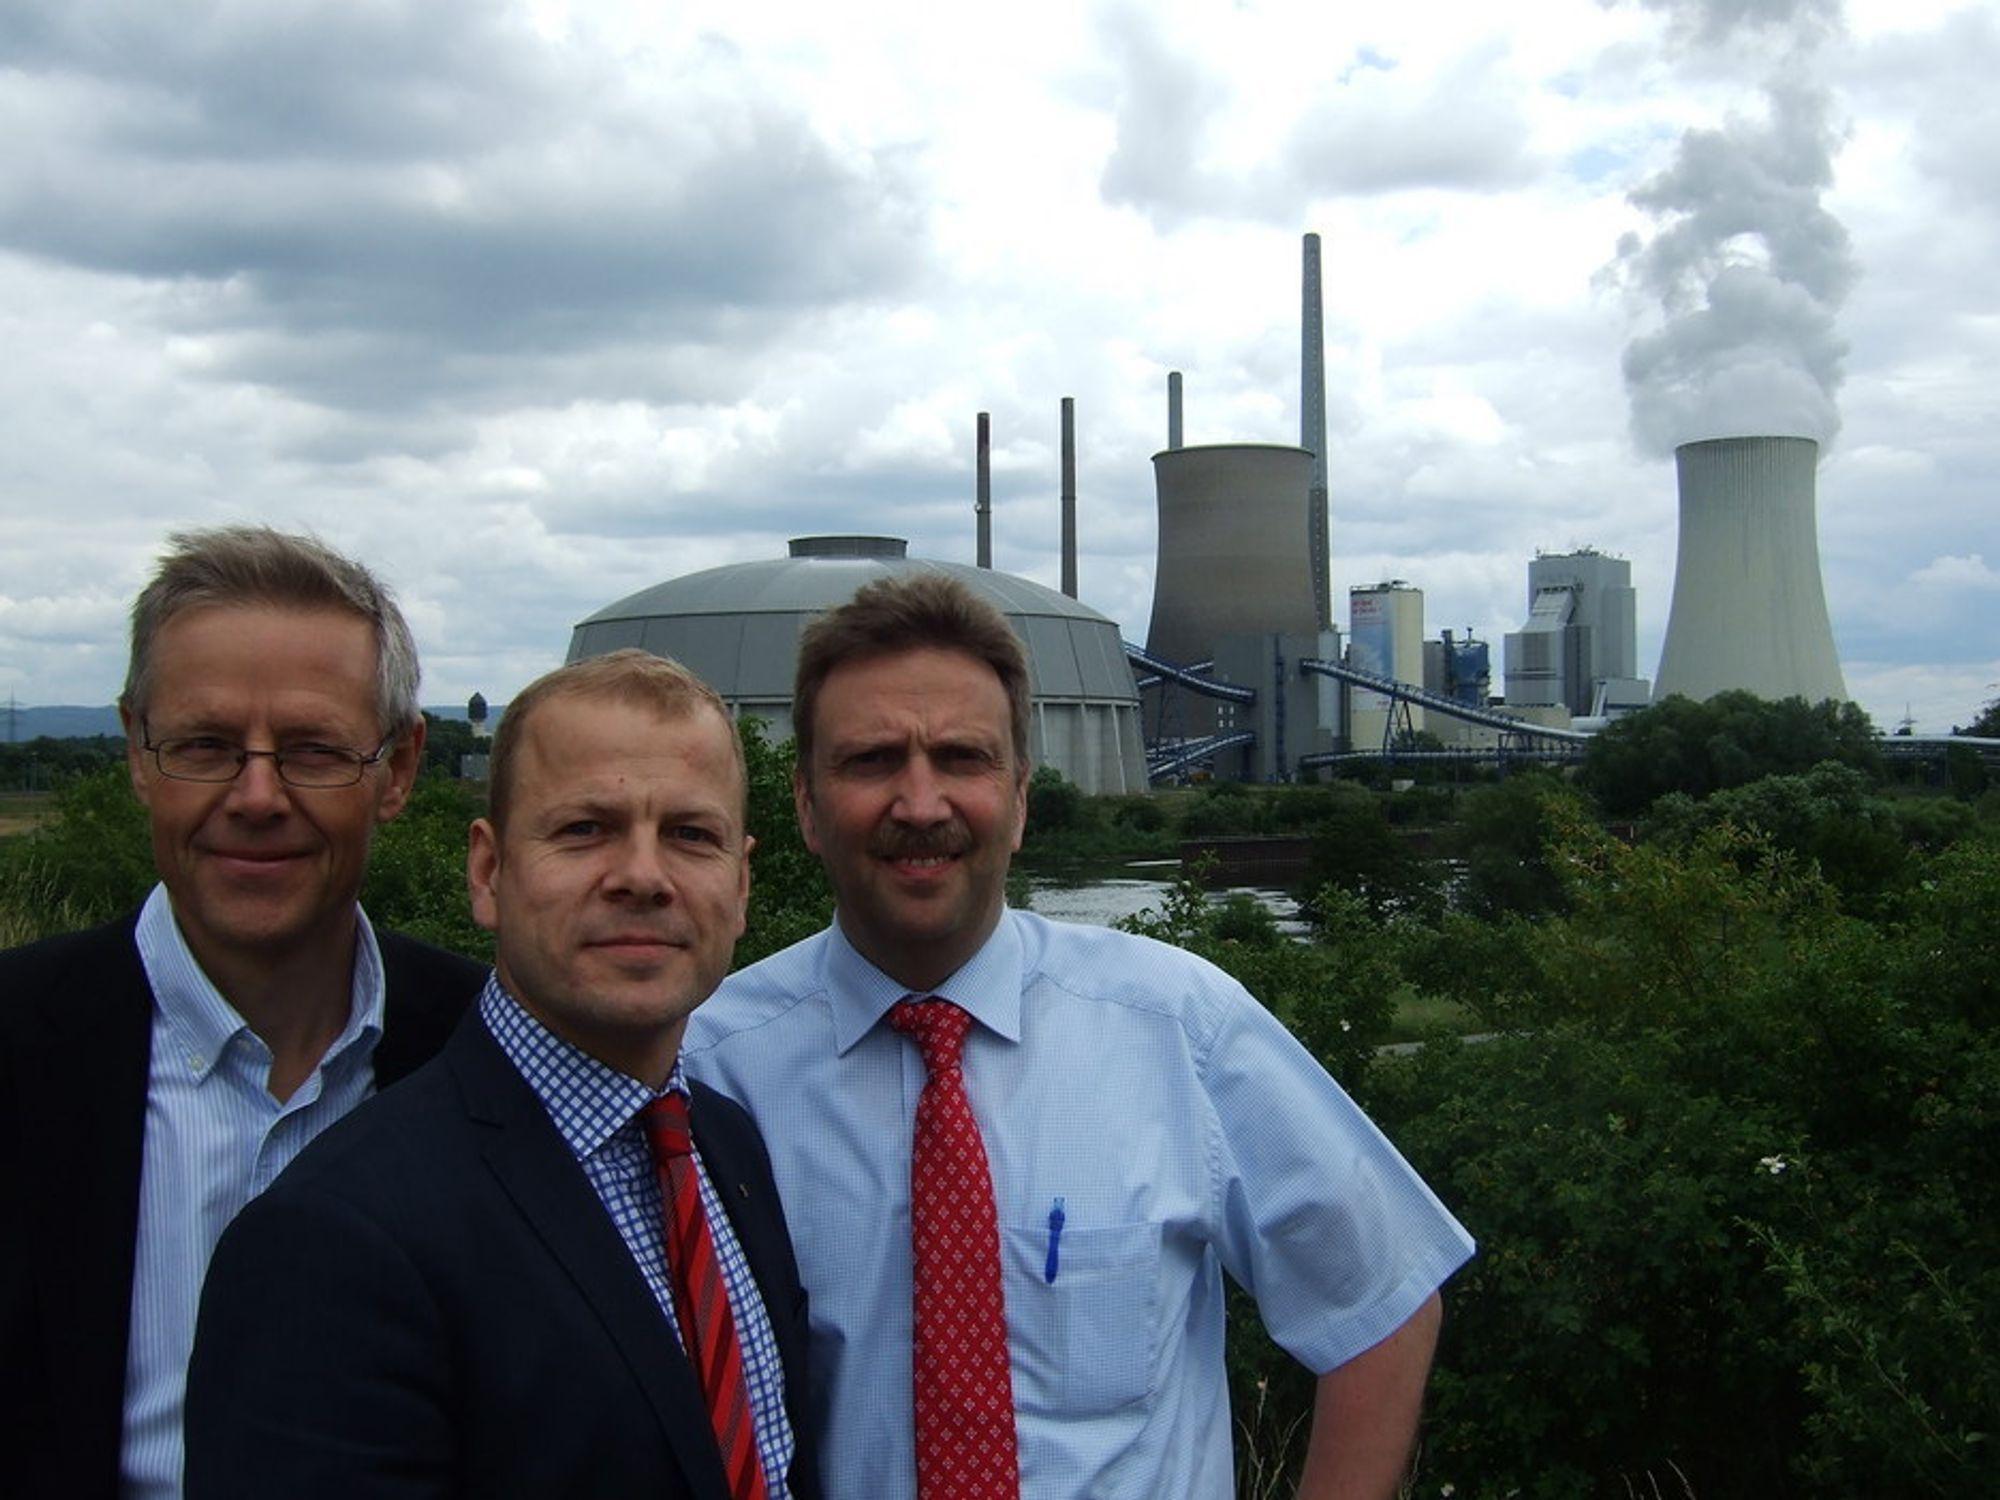 IMPONERT SV-ER: Divisjonsdirektør Tore Tomter i Siemens, SVs Heikki Holmås og dr. Rudiger Schneider i Siemens utenfor Staudinger-kraftverket.